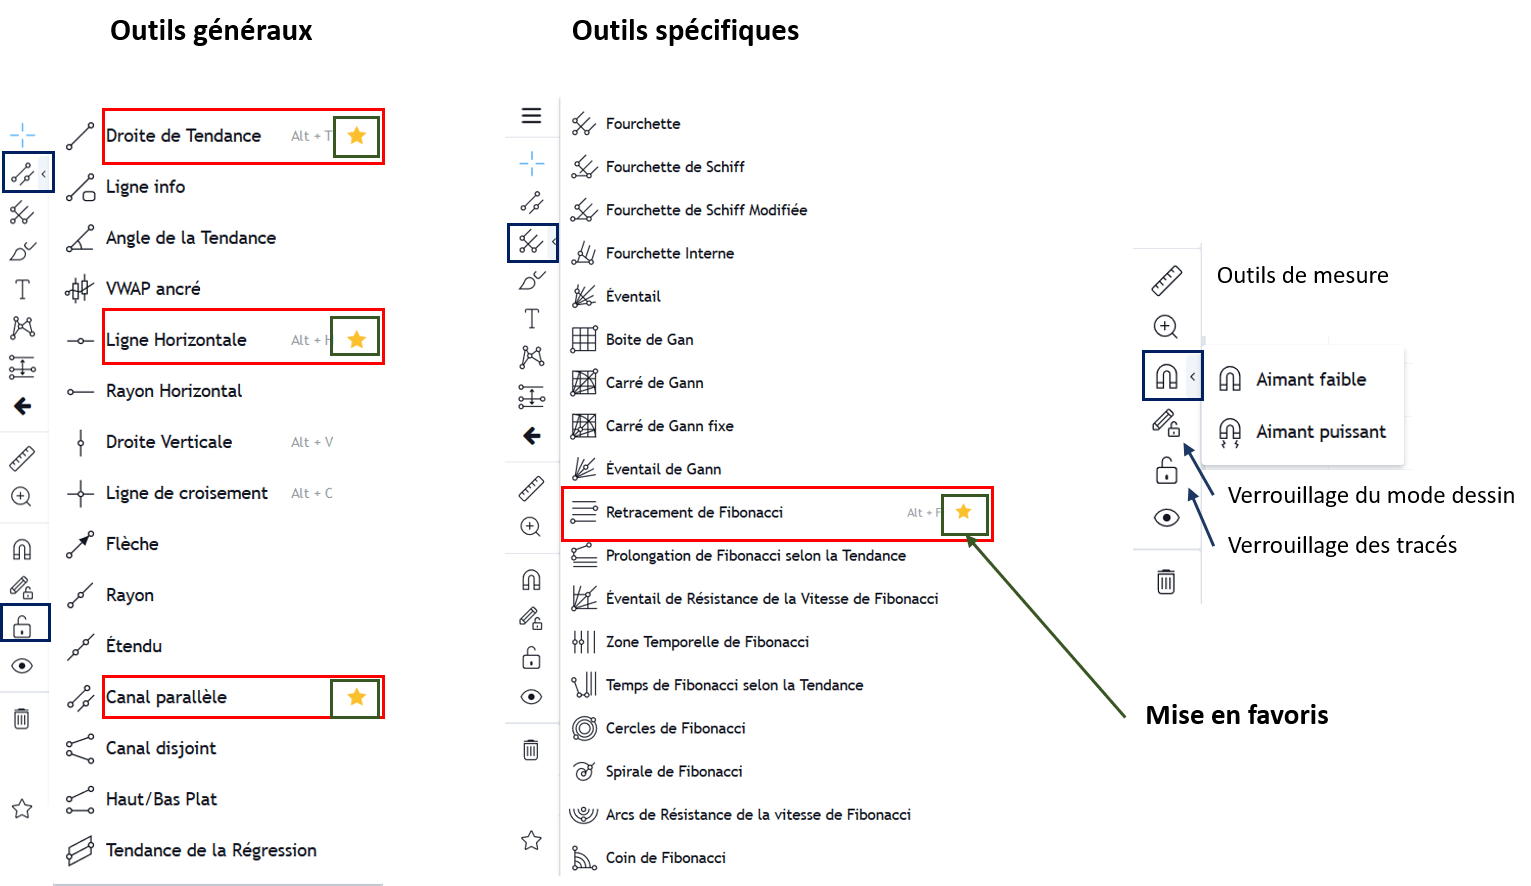 outils graphiques disponibles dans tradingview